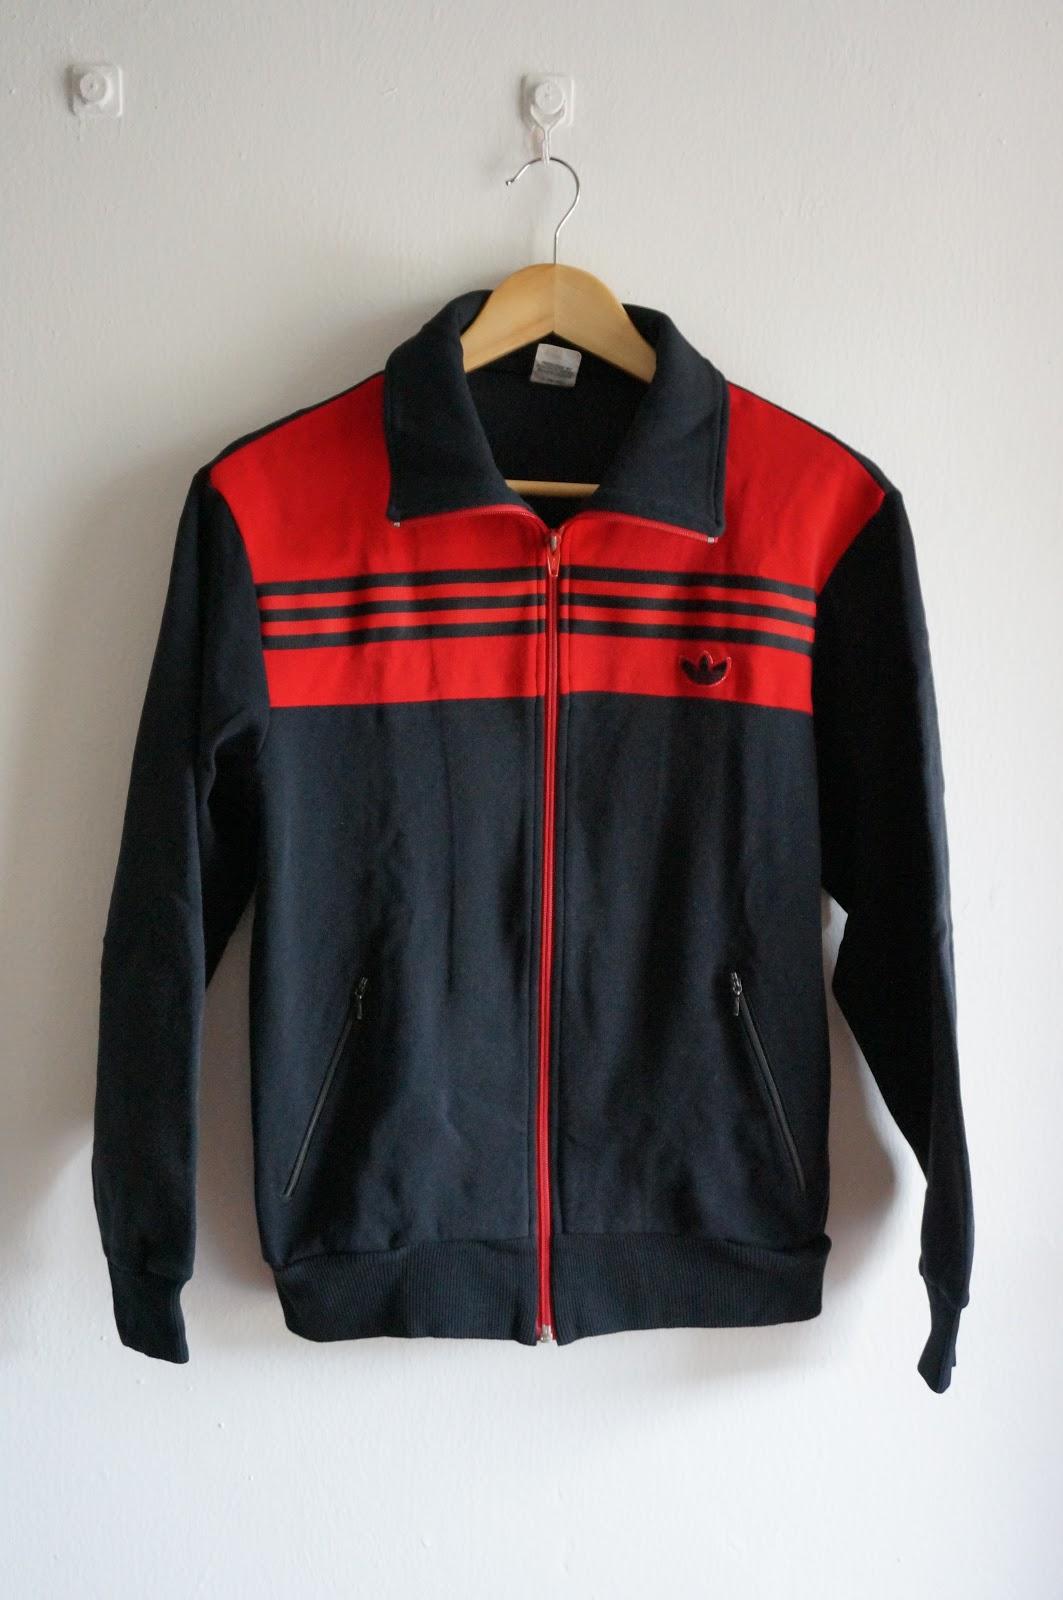 jaket adidas merah - photo #16